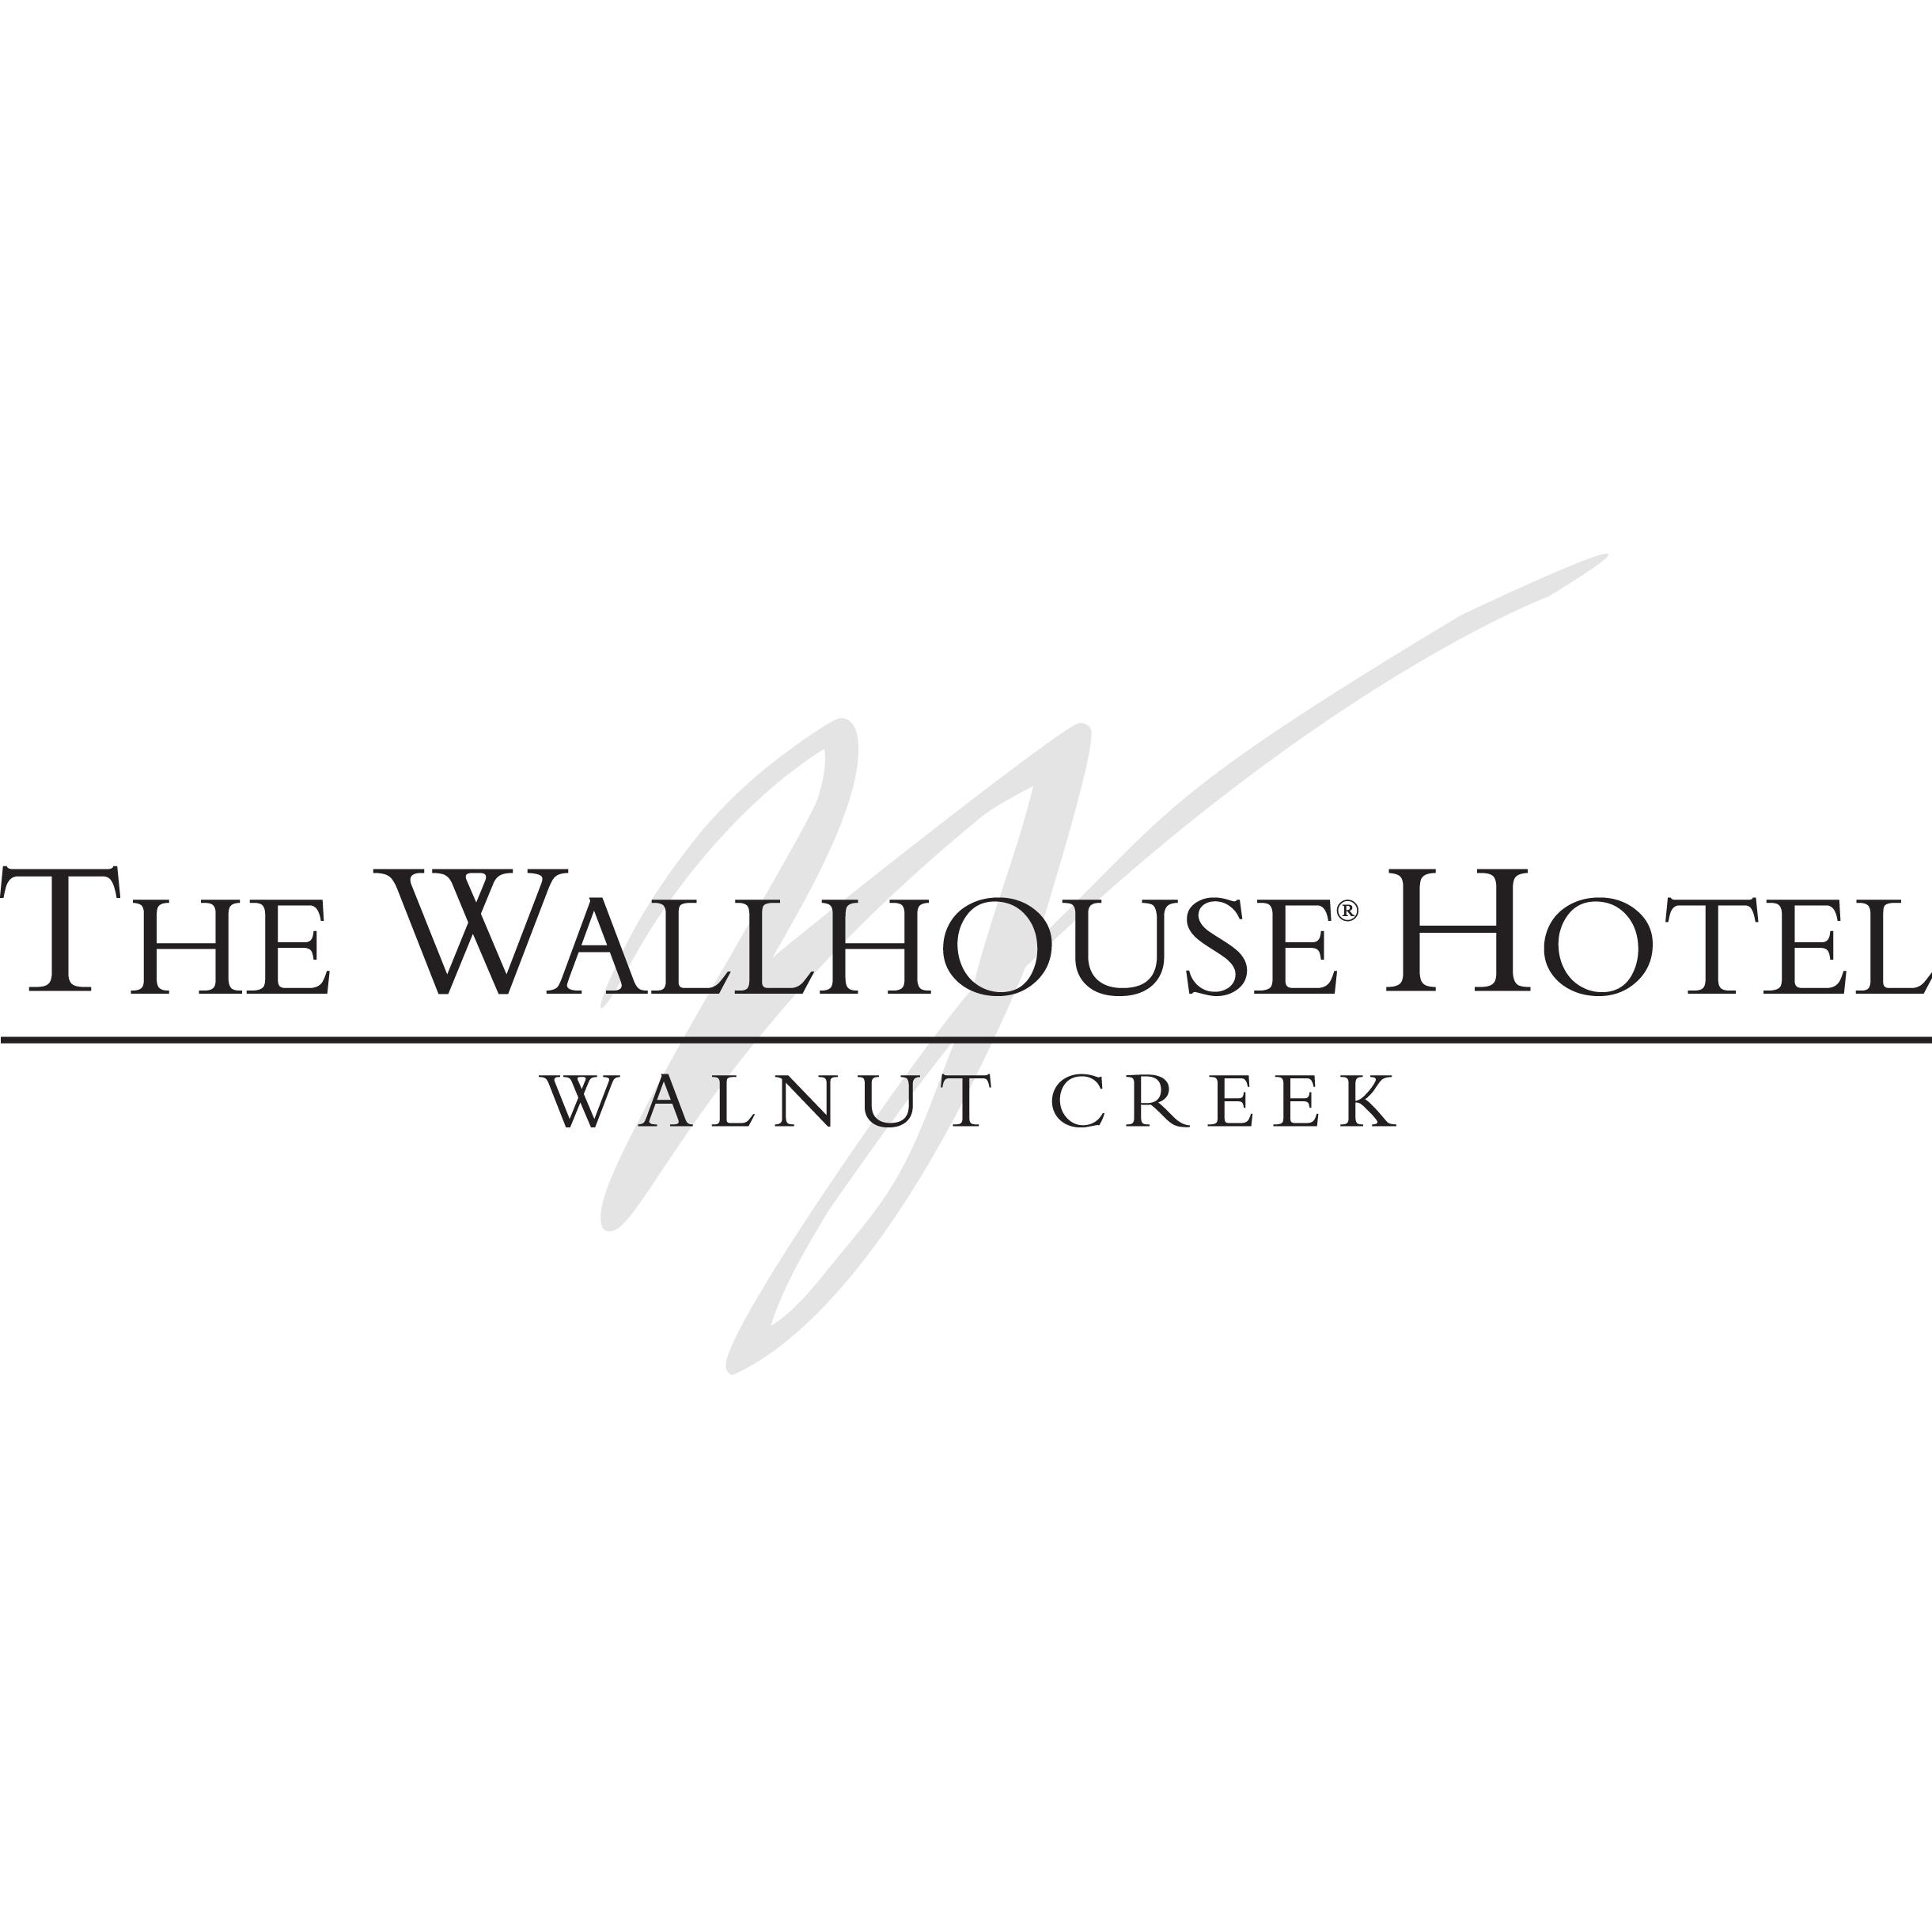 The Wallhouse Hotel